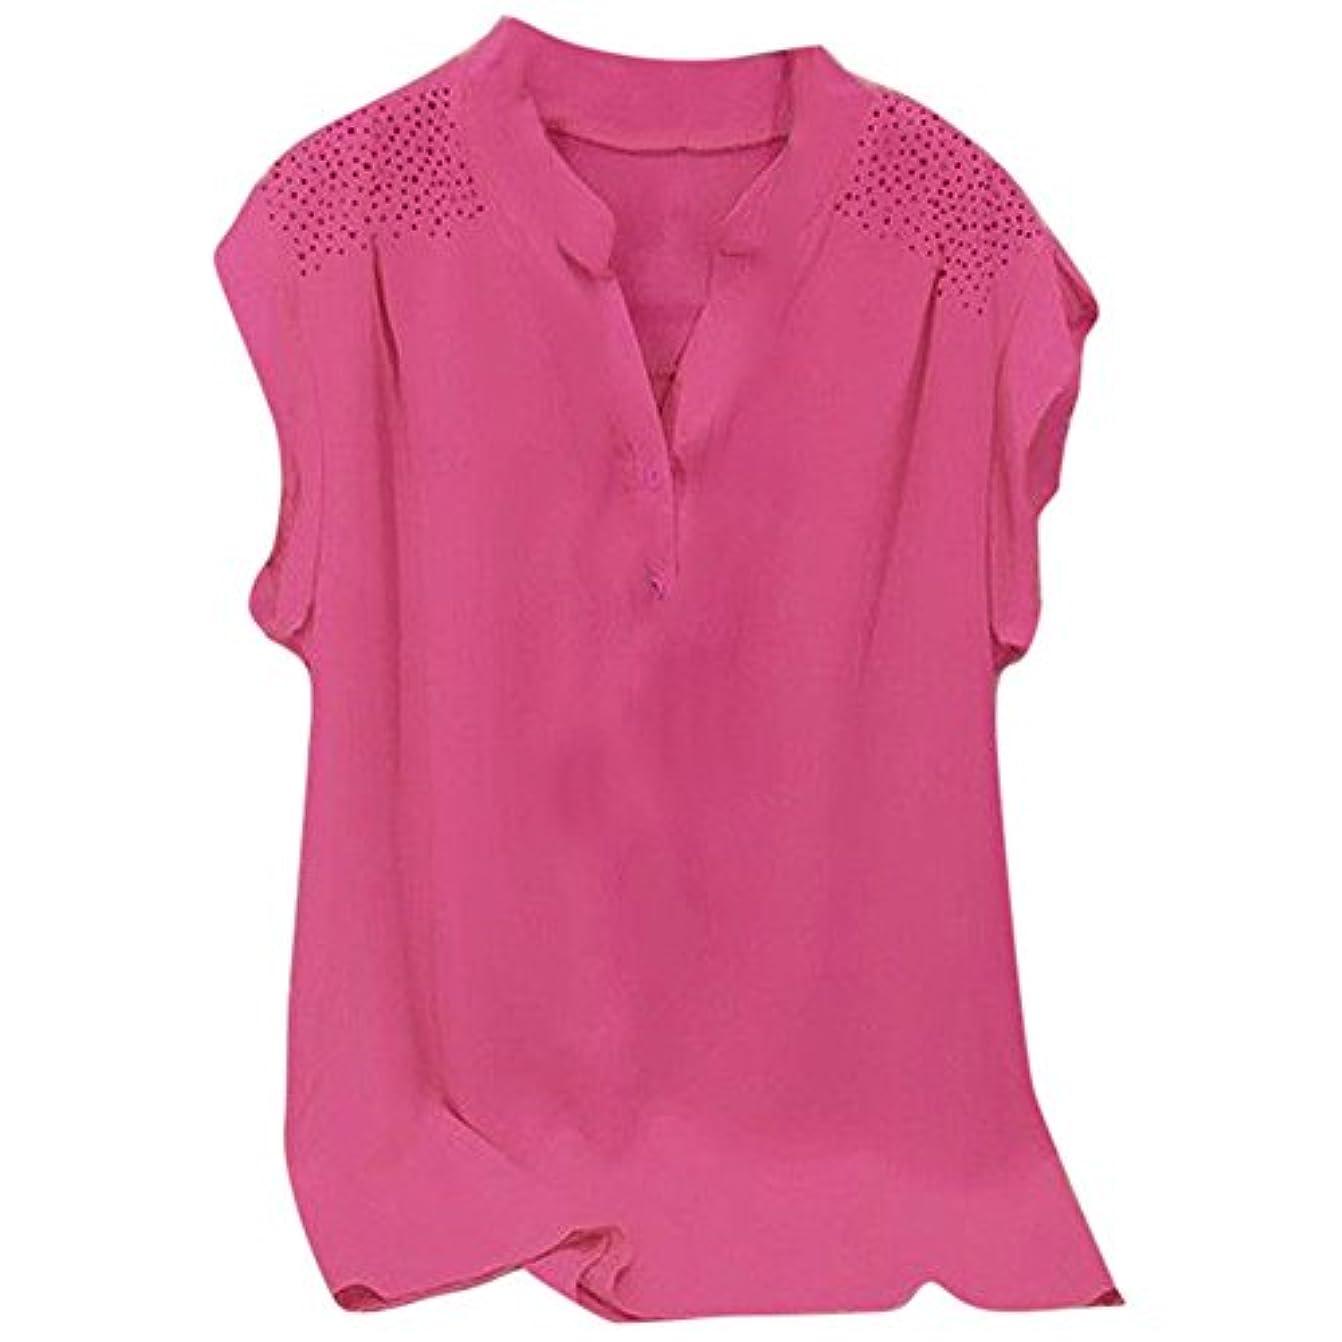 特許特許教養があるカットソー レディース Rexzo ラウンドネック フリル袖 トップス ボタンダウン ブラウス 純色 無地 Tシャツ ファッション シンプル シャツ さっぱりした 夏服 綺麗 洋服 柔らかい 着やせ ティーシャツ 通勤...